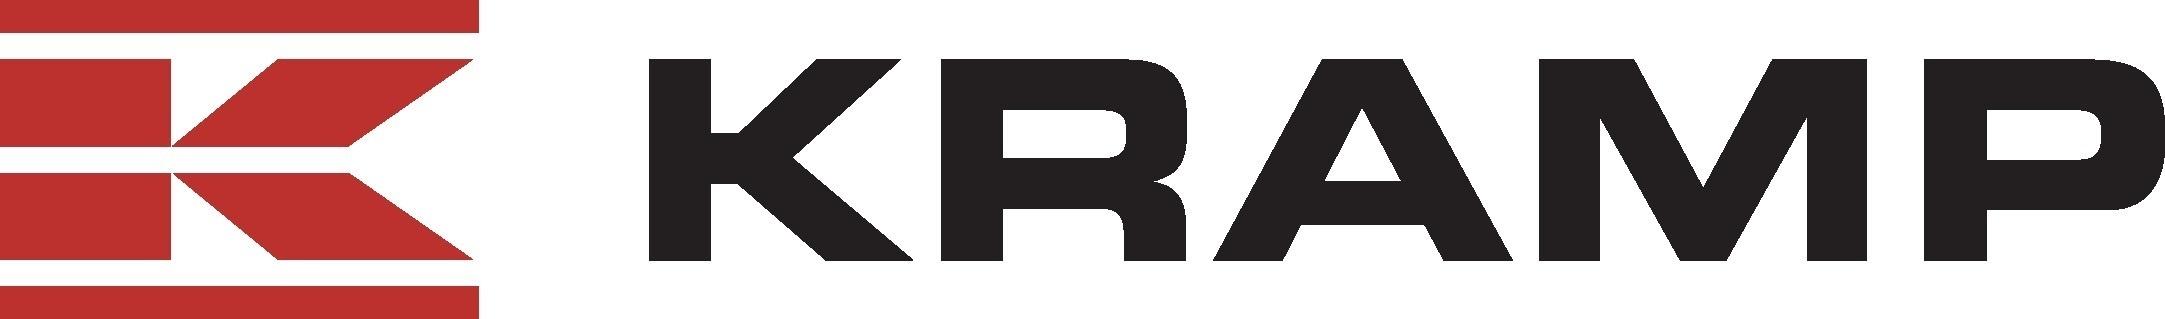 kramp_logo_pieni_2_01